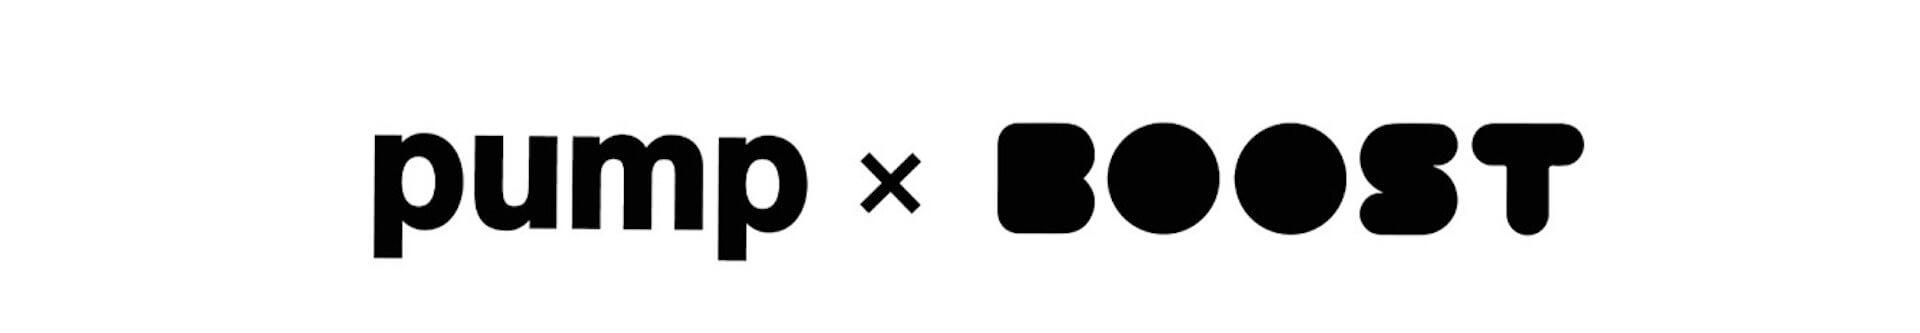 リーボック×アディダスのコラボモデル「INSTAPUMP FURY BOOST(TM)」今秋展開予定の3つのリリースパックのビジュアルが発表 sub1-1